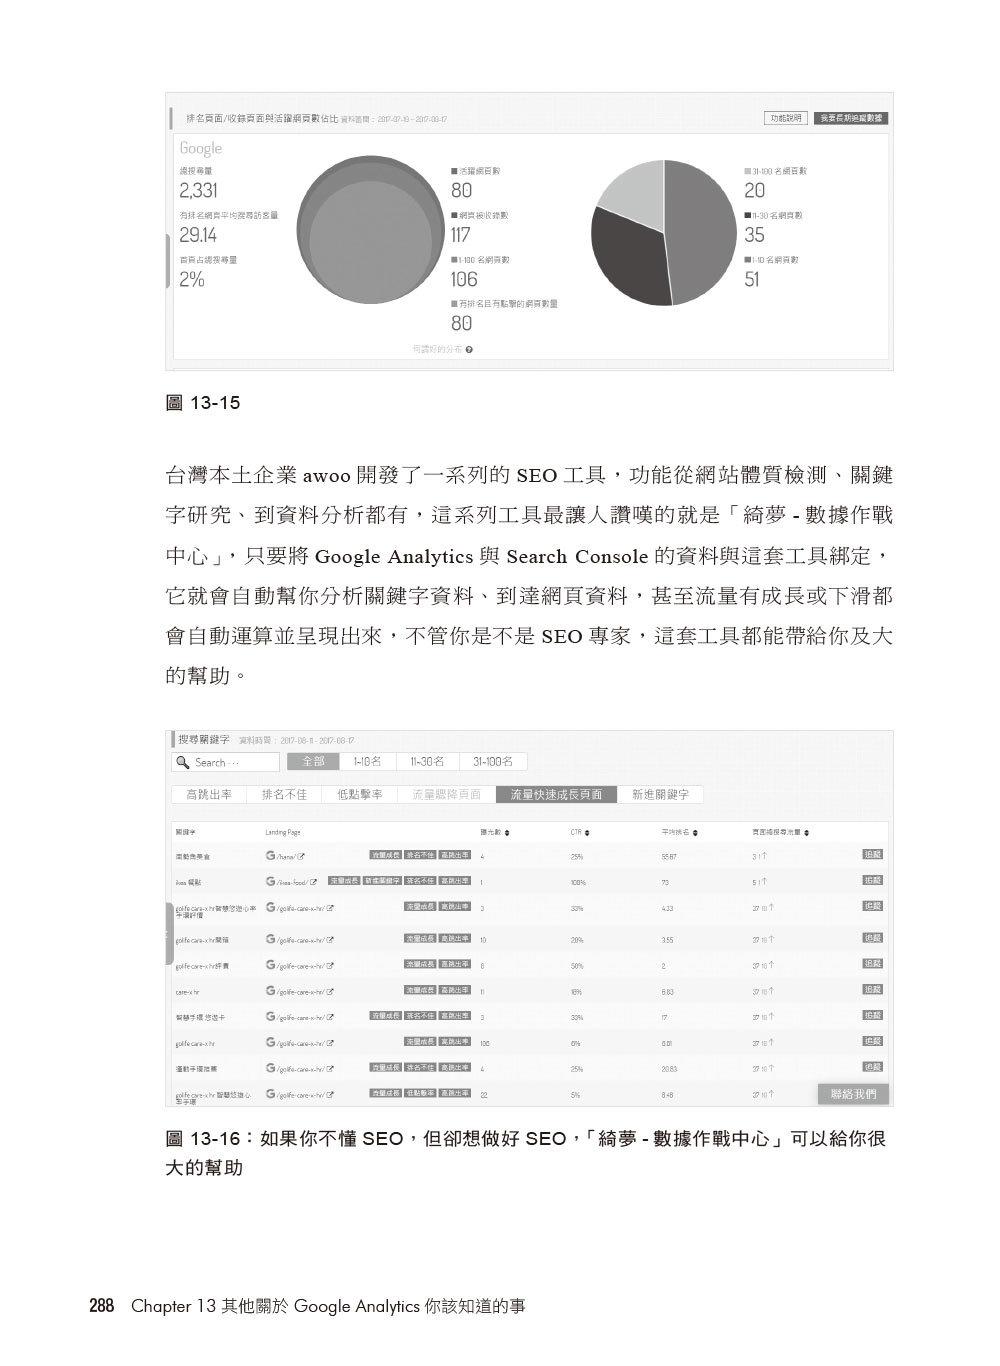 剖析 Google Analytics:從報表理解到實作 (增訂版)-preview-9